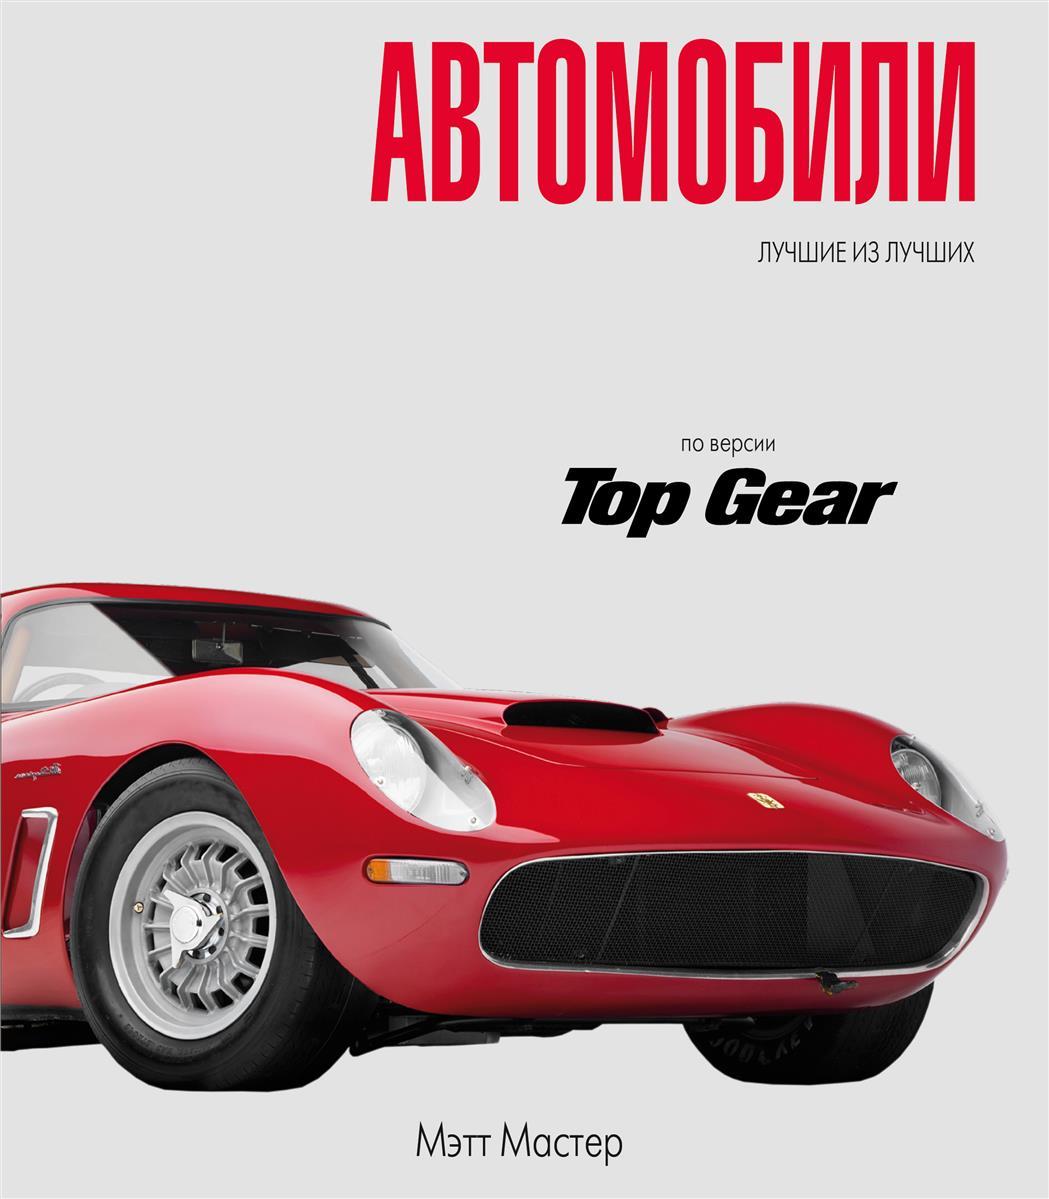 Автомобили: Лучшие из лучших. По версии TopGear